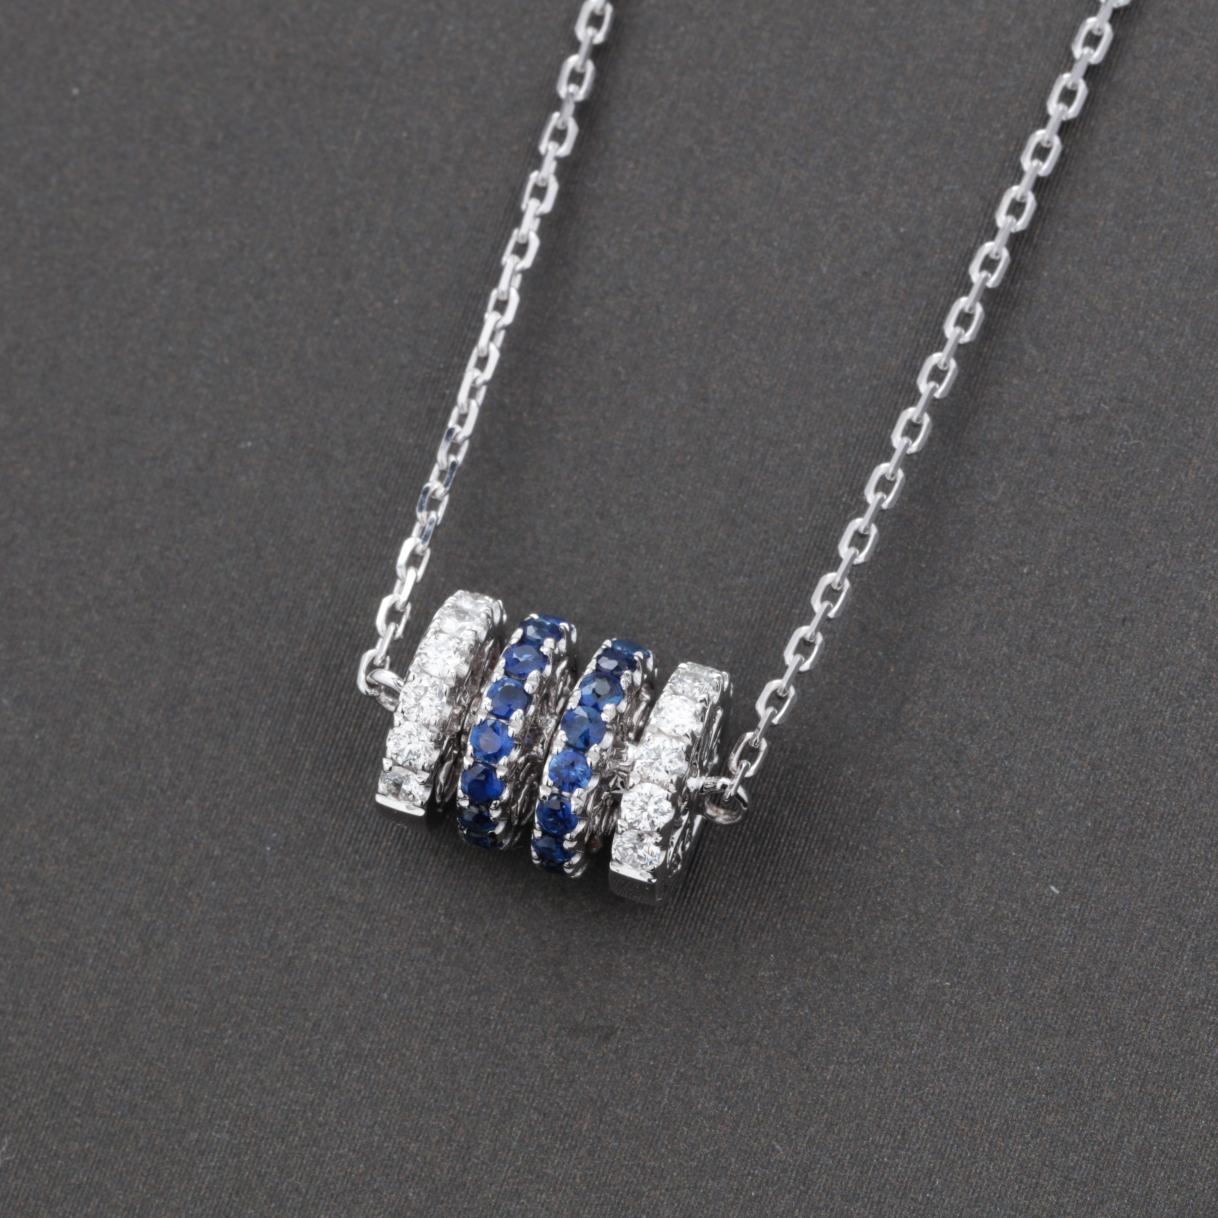 【精品秒杀】【项链】18k金+蓝宝石+钻石 宝石颜色纯正 主石:0.45ct/30p  货重:4.5